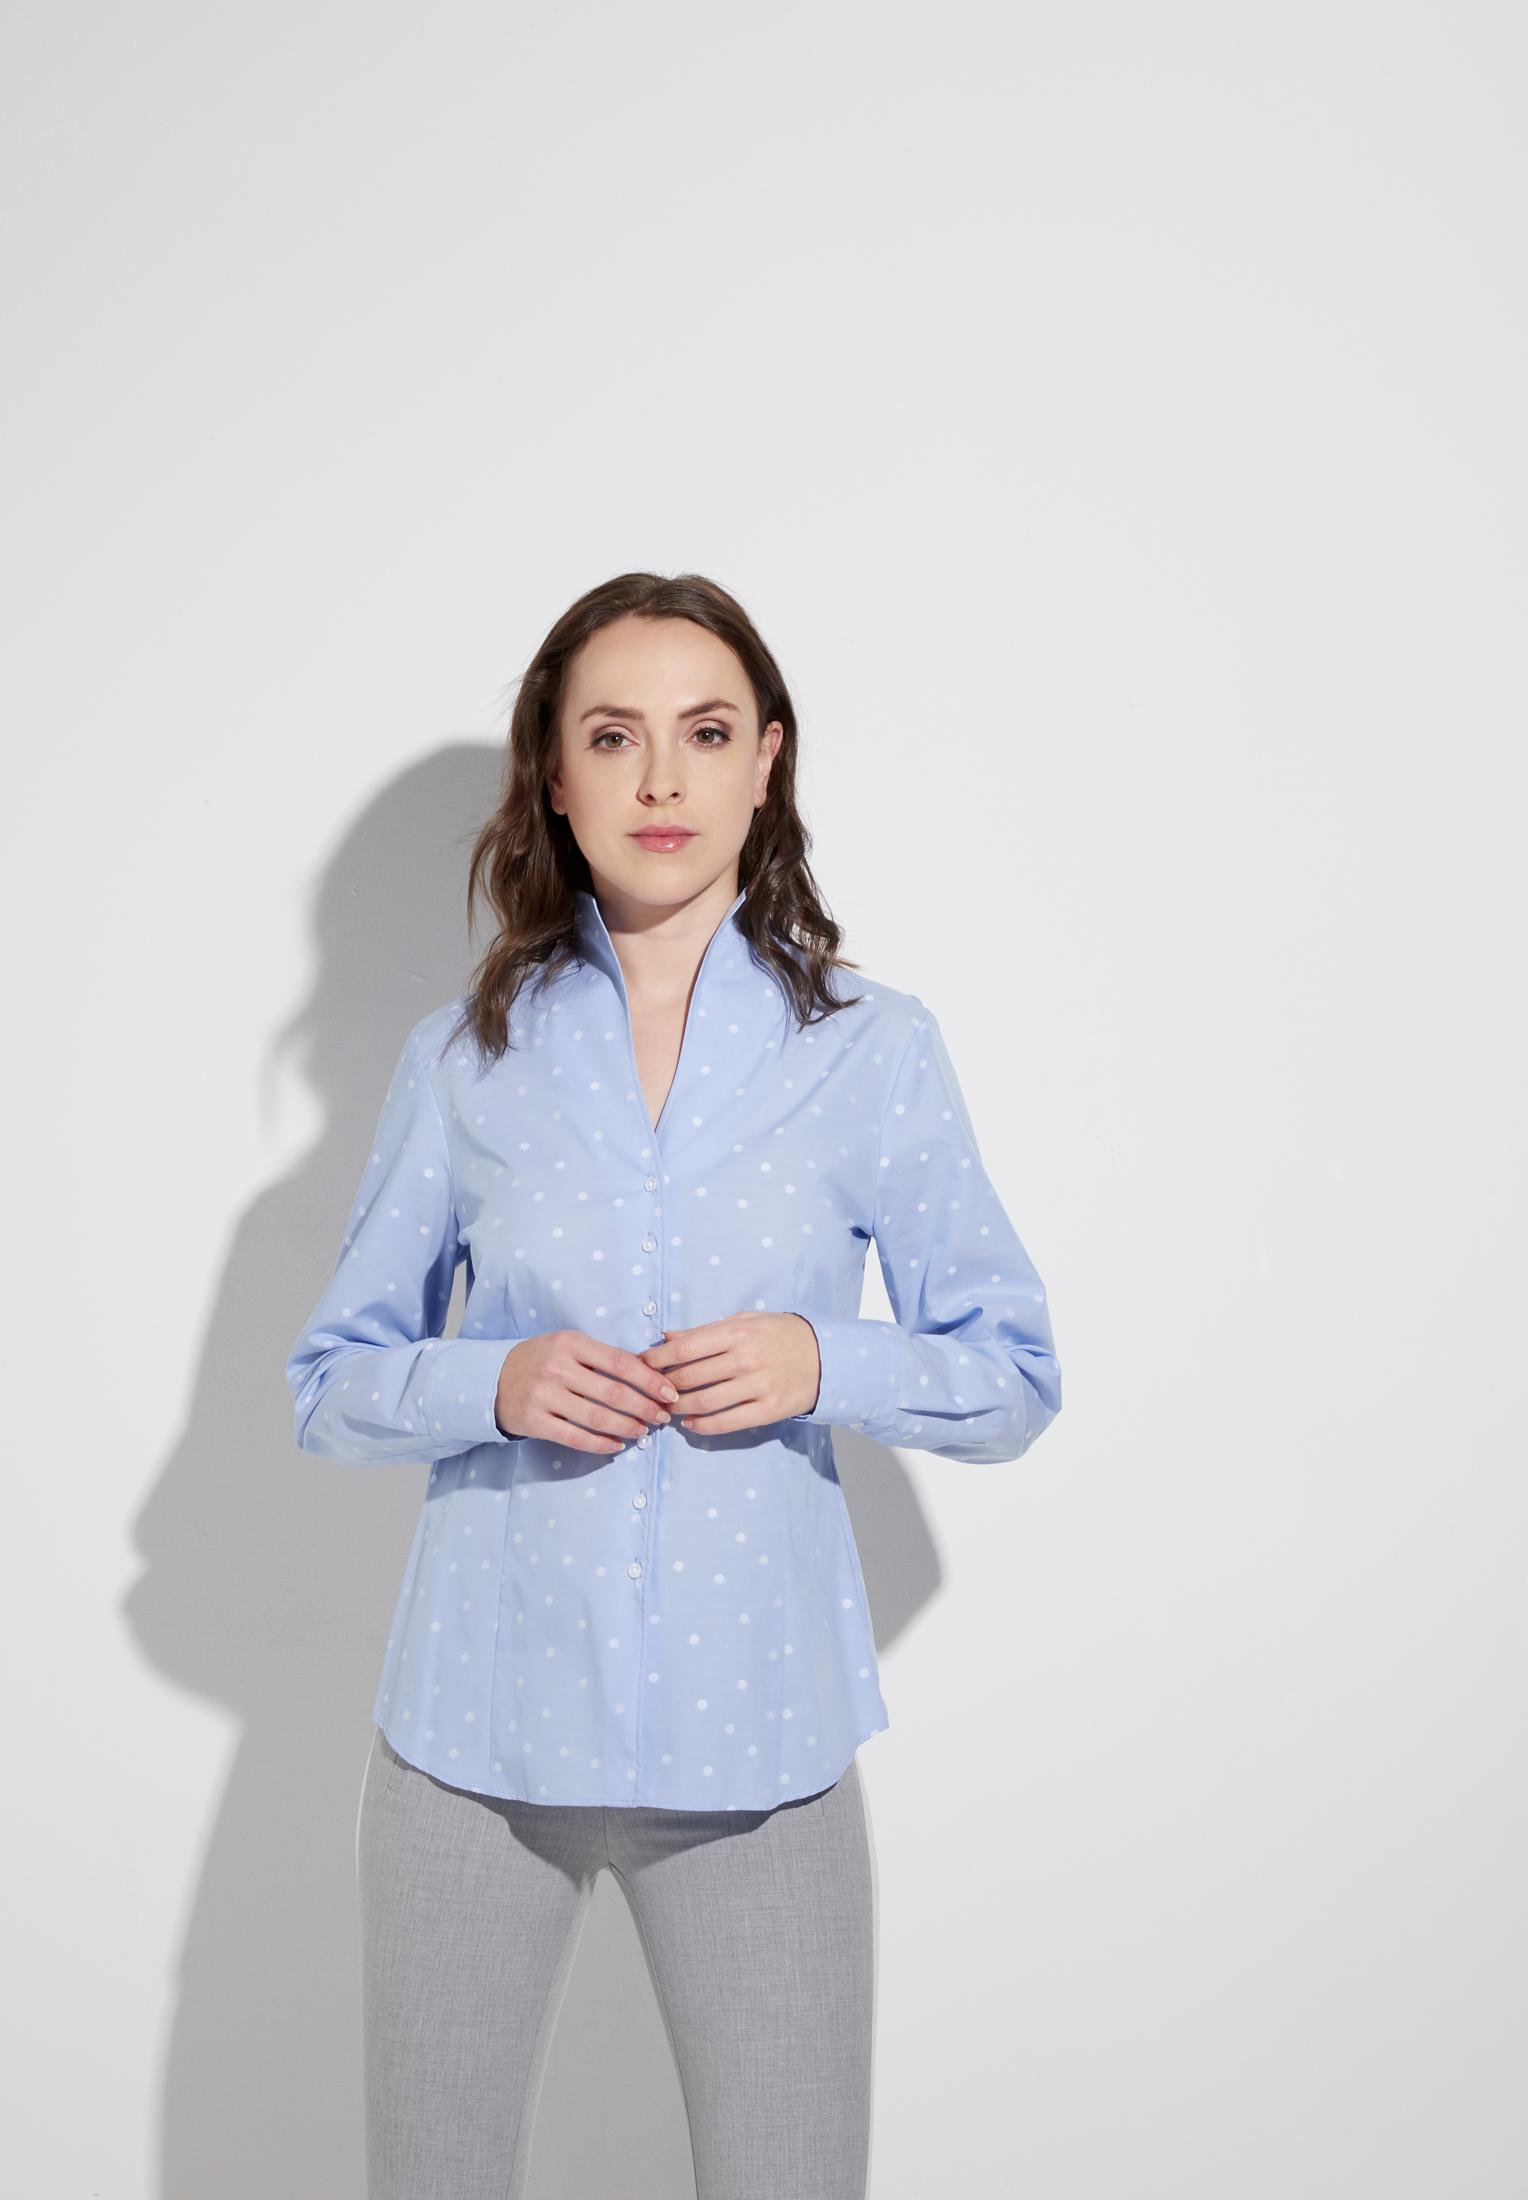 ETERNA 5139 Bluse Baumwolle hellblau/weiss